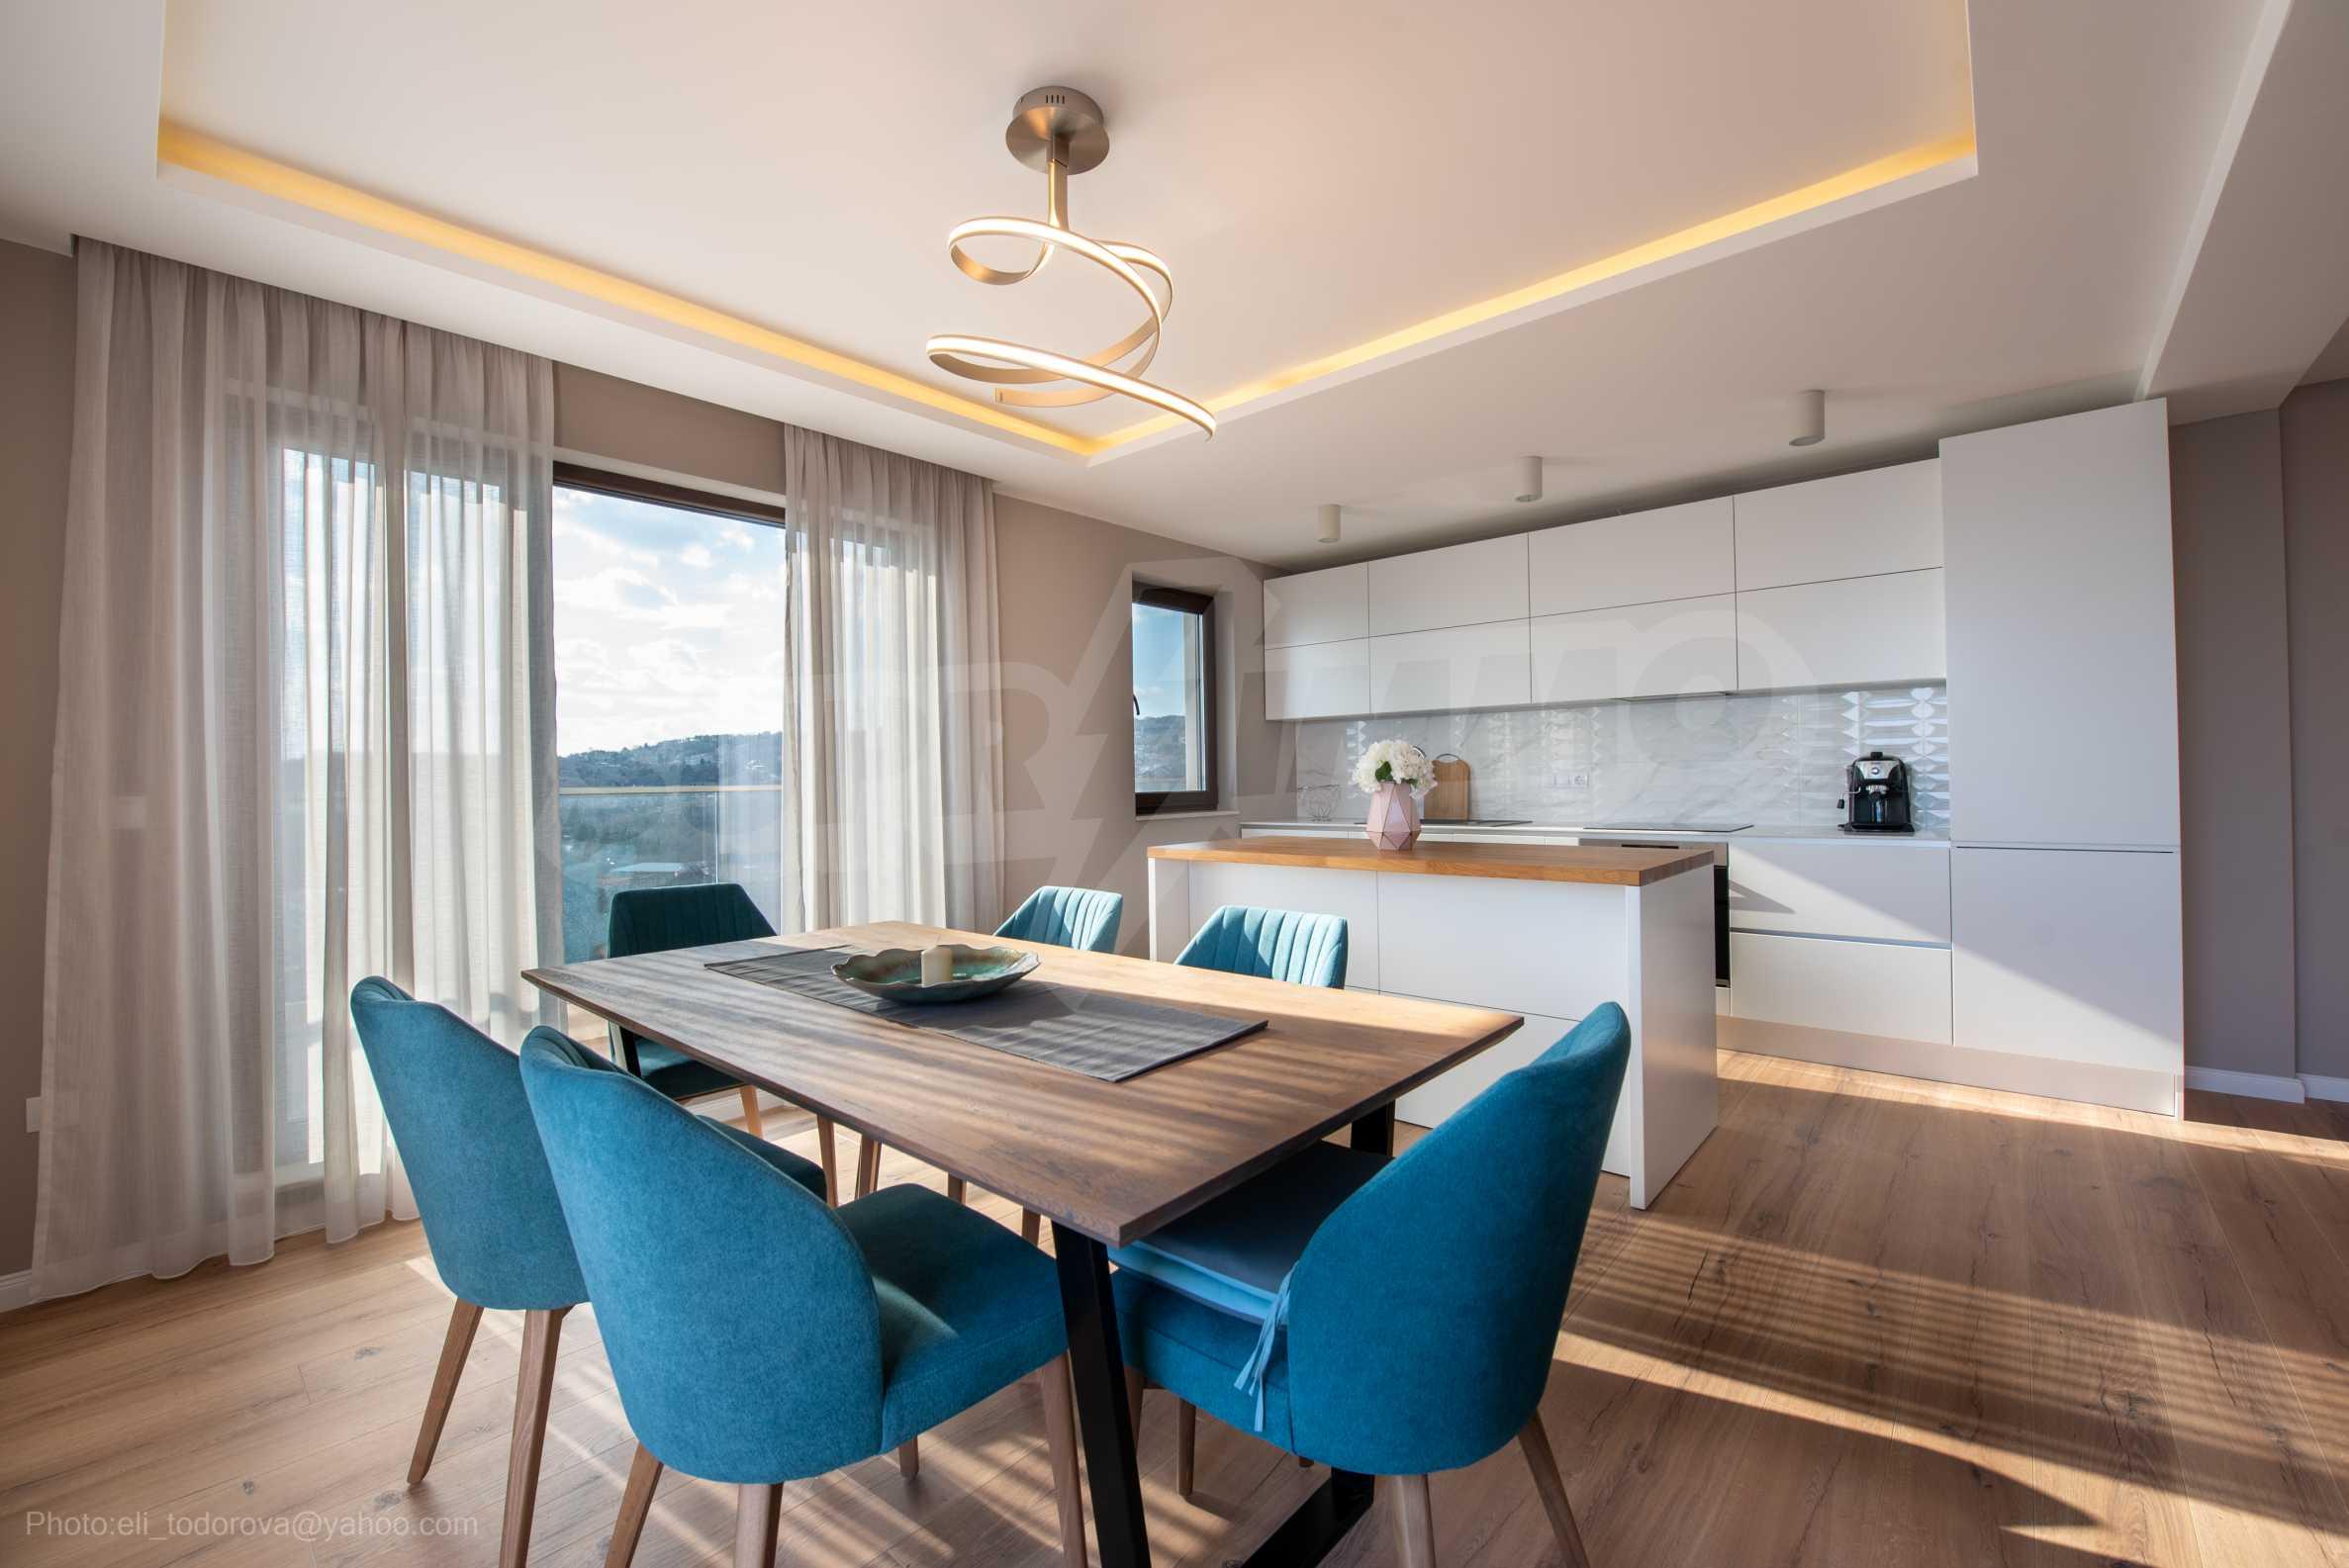 Апартамент Елеганс Вю - тристаен имот с уникална гледка към морето 9